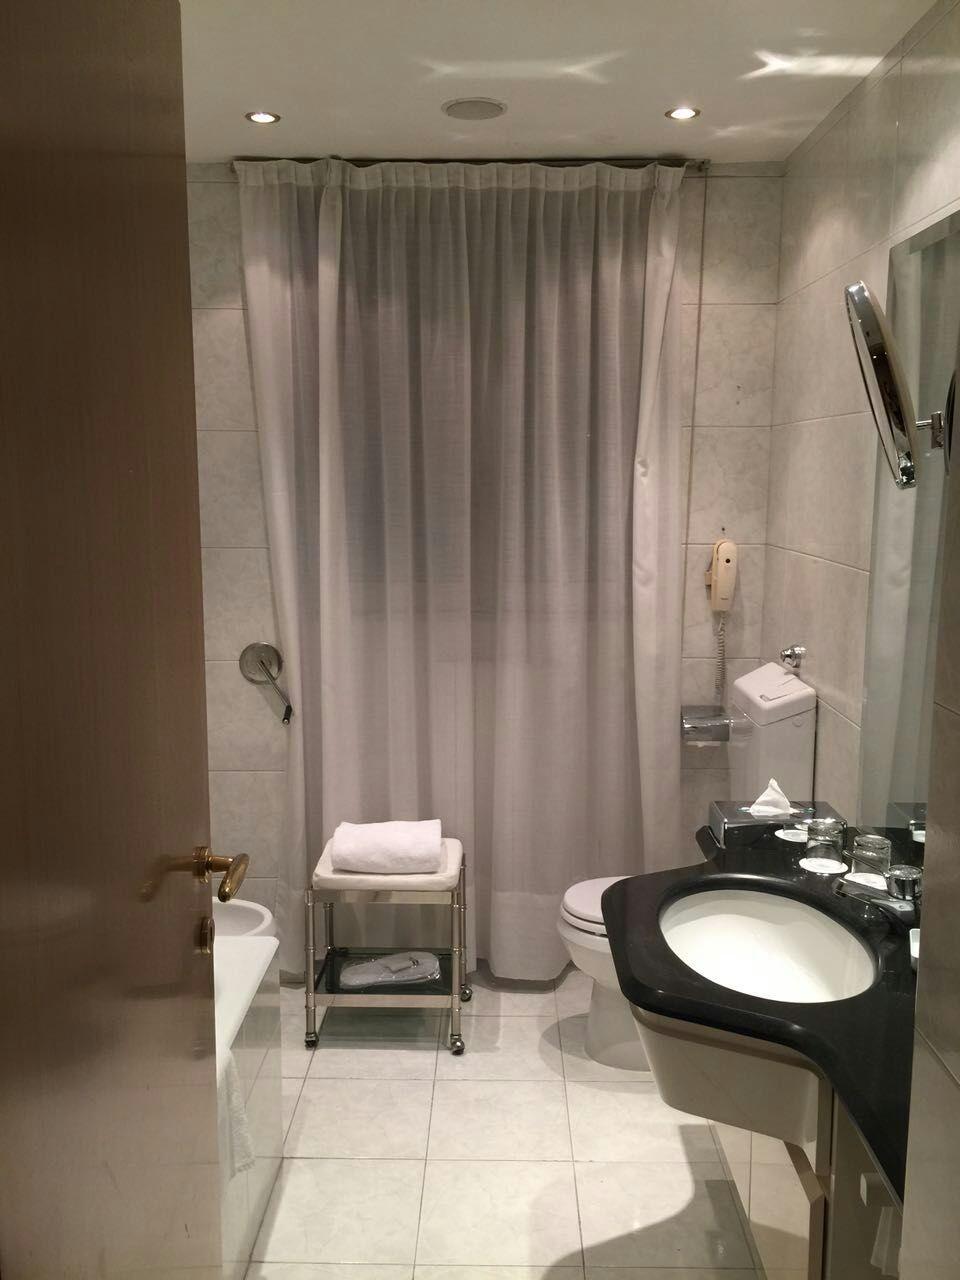 four-points-sheraton-bathroom